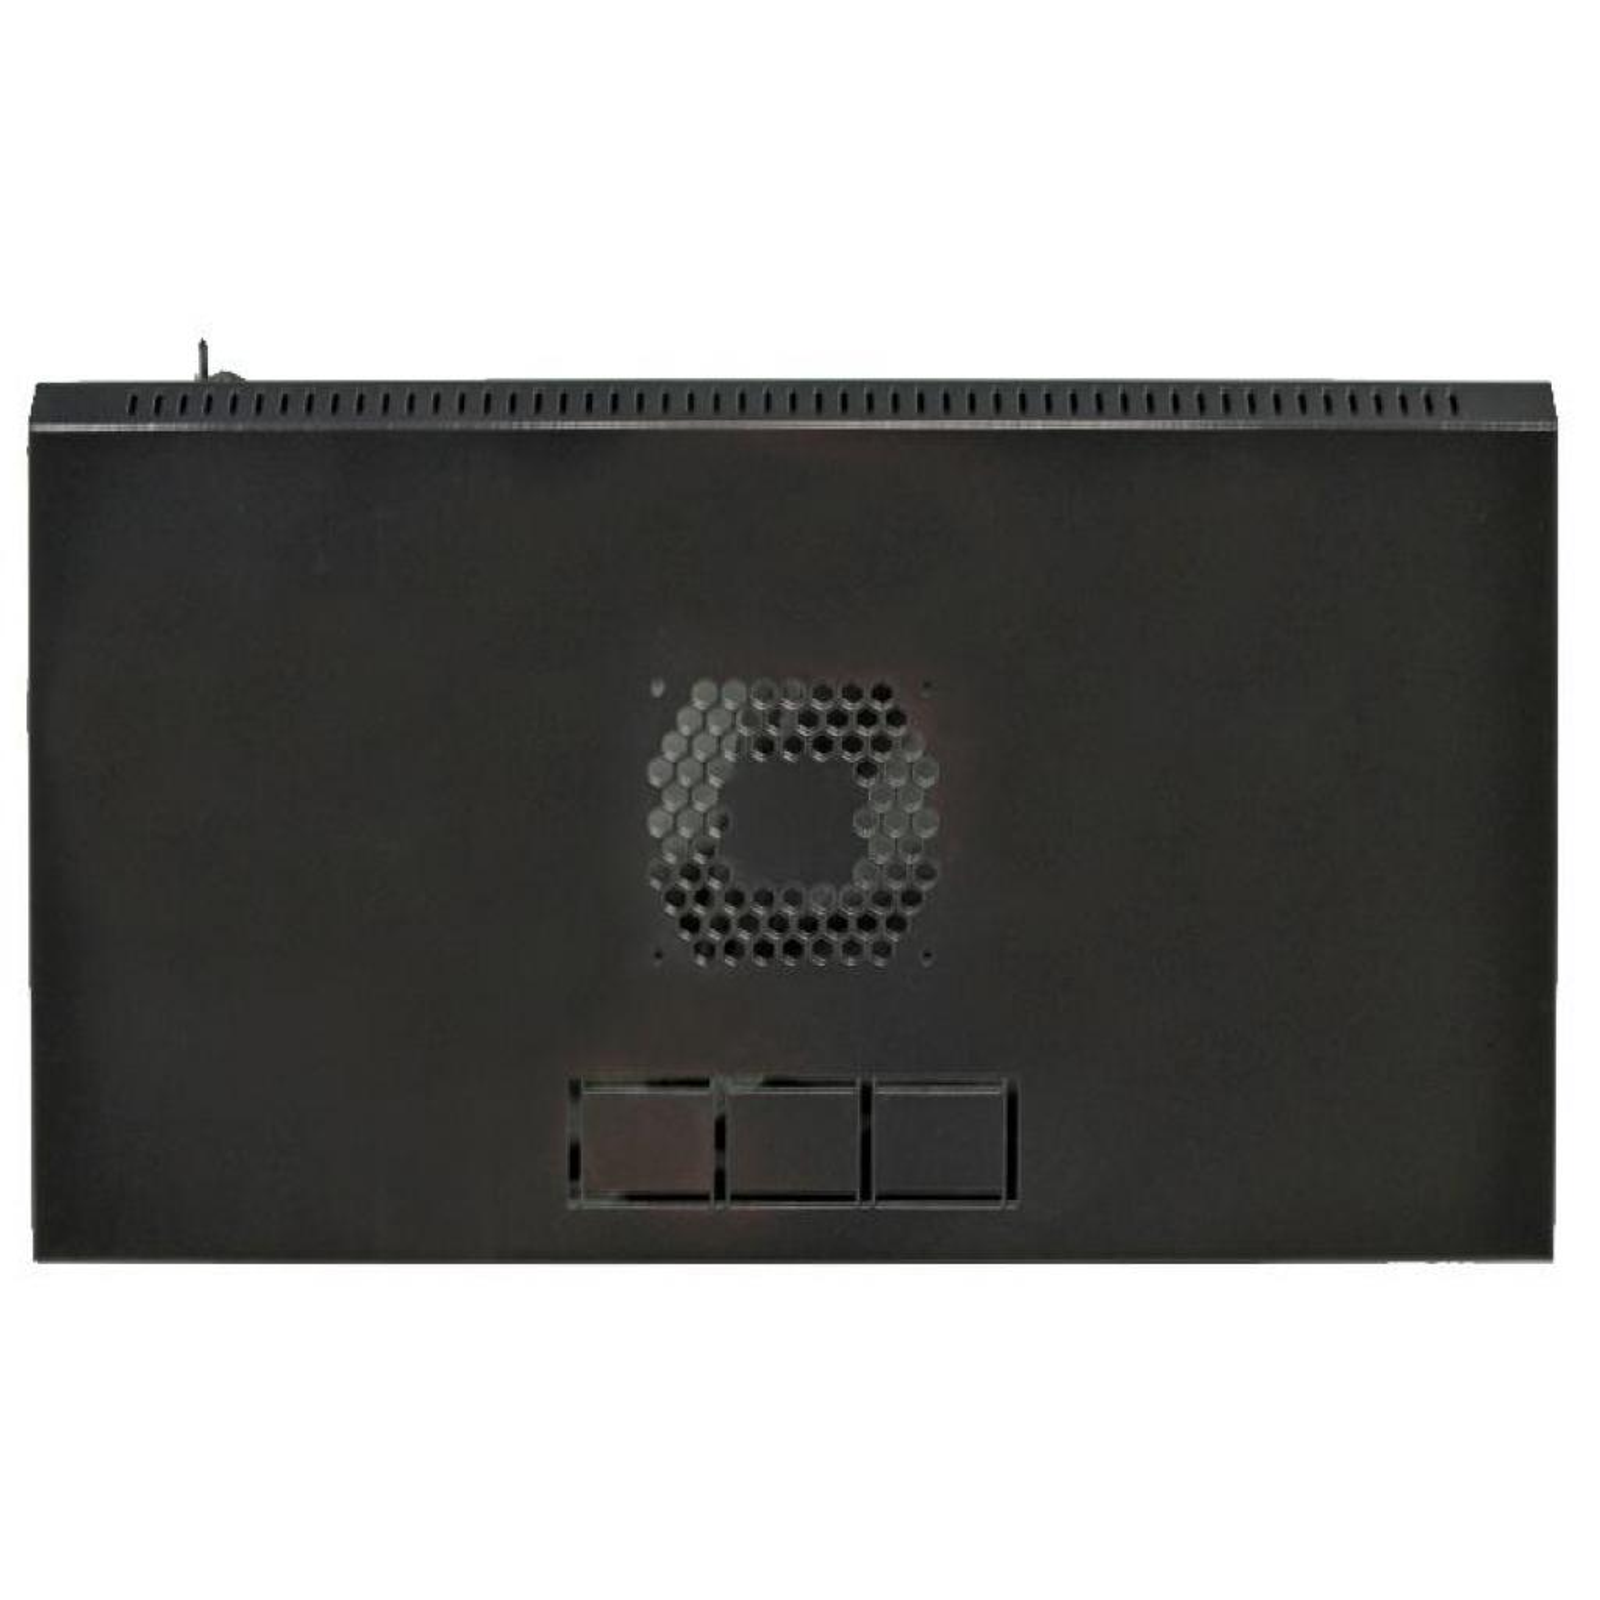 Шкаф настенный CMS 6U 600*350*373mm (UA-MGSWL635B) изображение 5